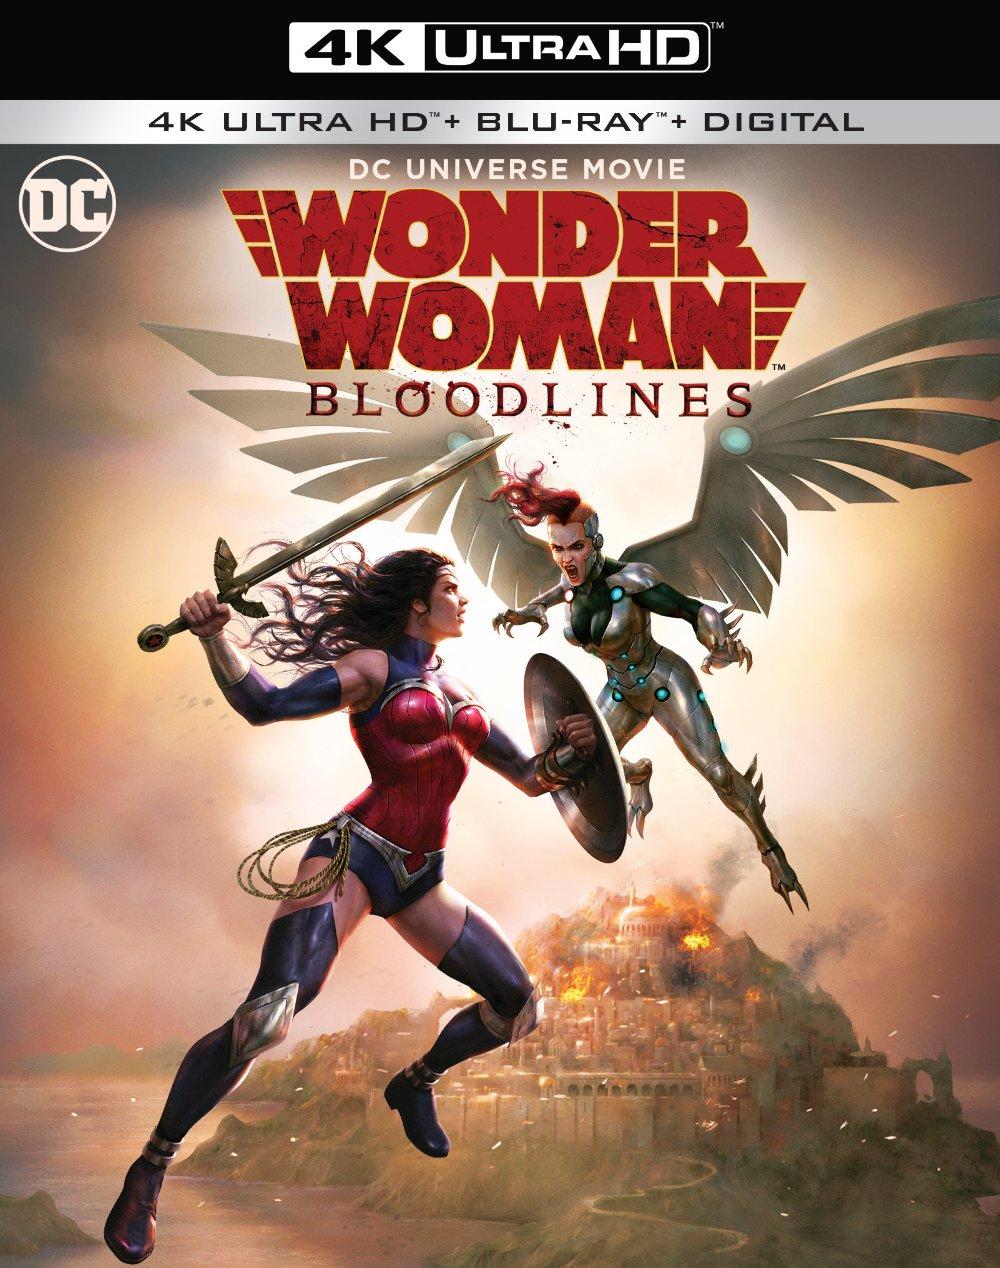 Wonder Woman Bloodlines Trailer